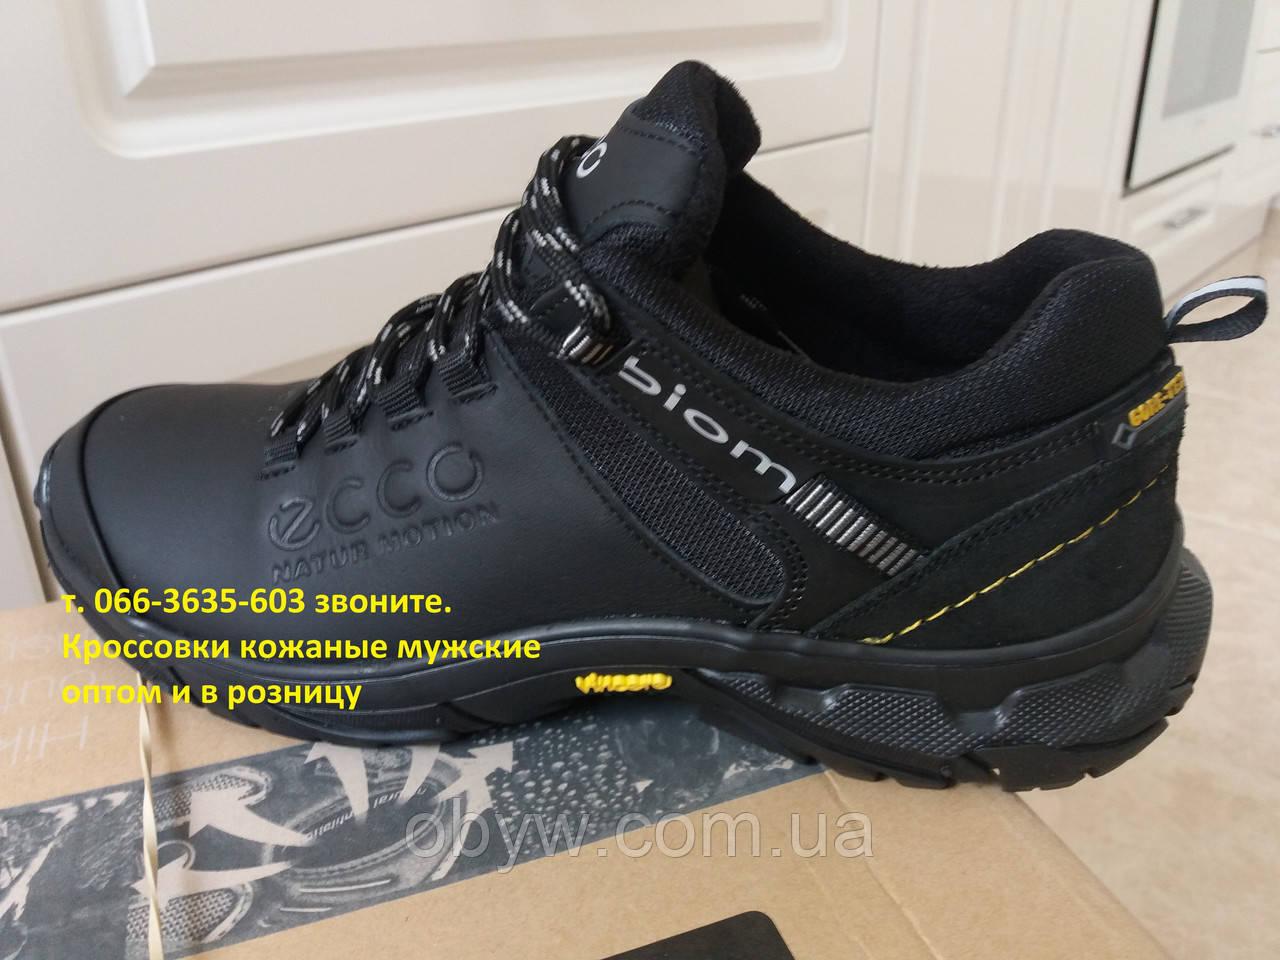 8ad46a9bd Еcco осенние мужские кроссовки - Весь ассортимент в нашем магазине в  наличии. в Днепре